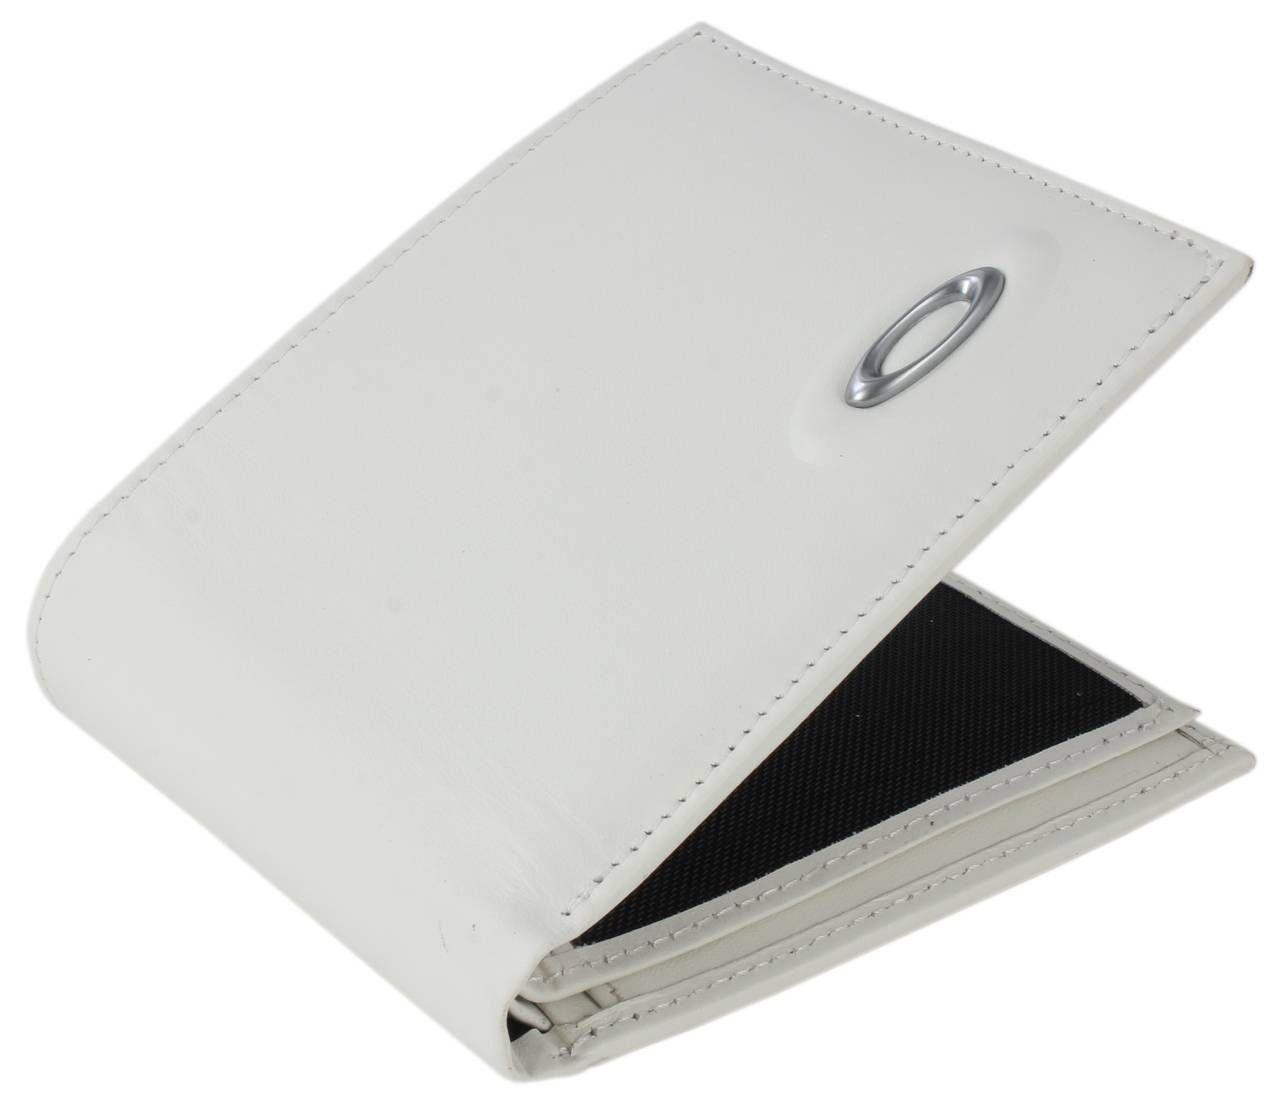 27c19a8554f96 Oakley Wallet - White Leather Wallet  Oakley  Mens  Wallet